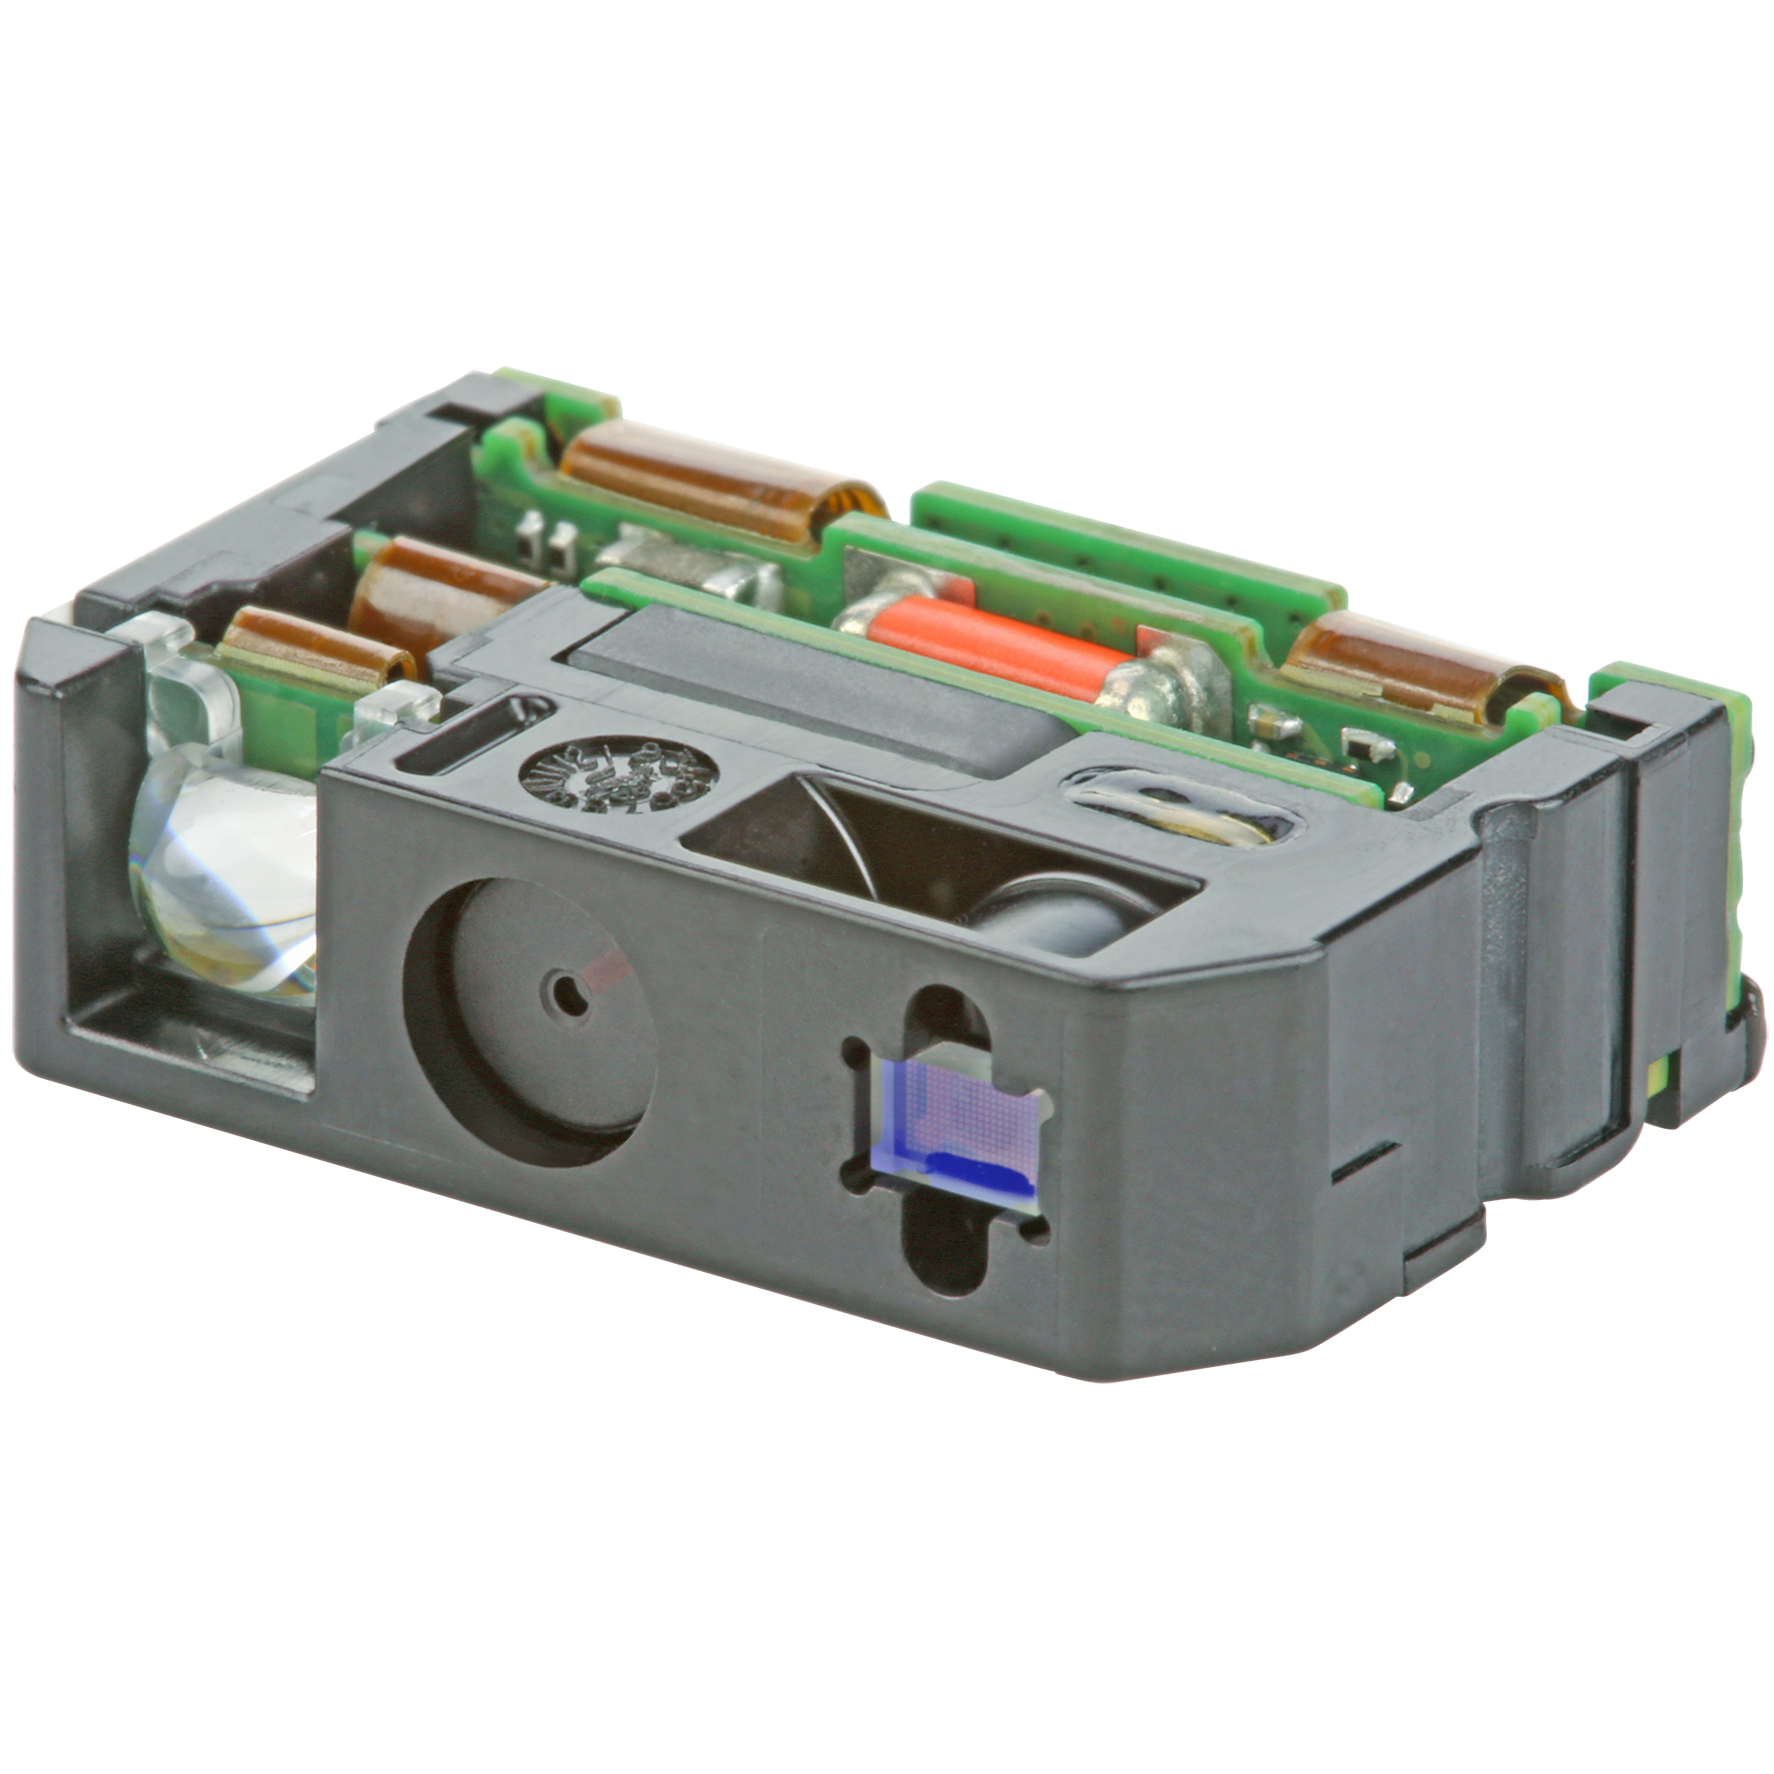 N670X Series 2D Scan Engines